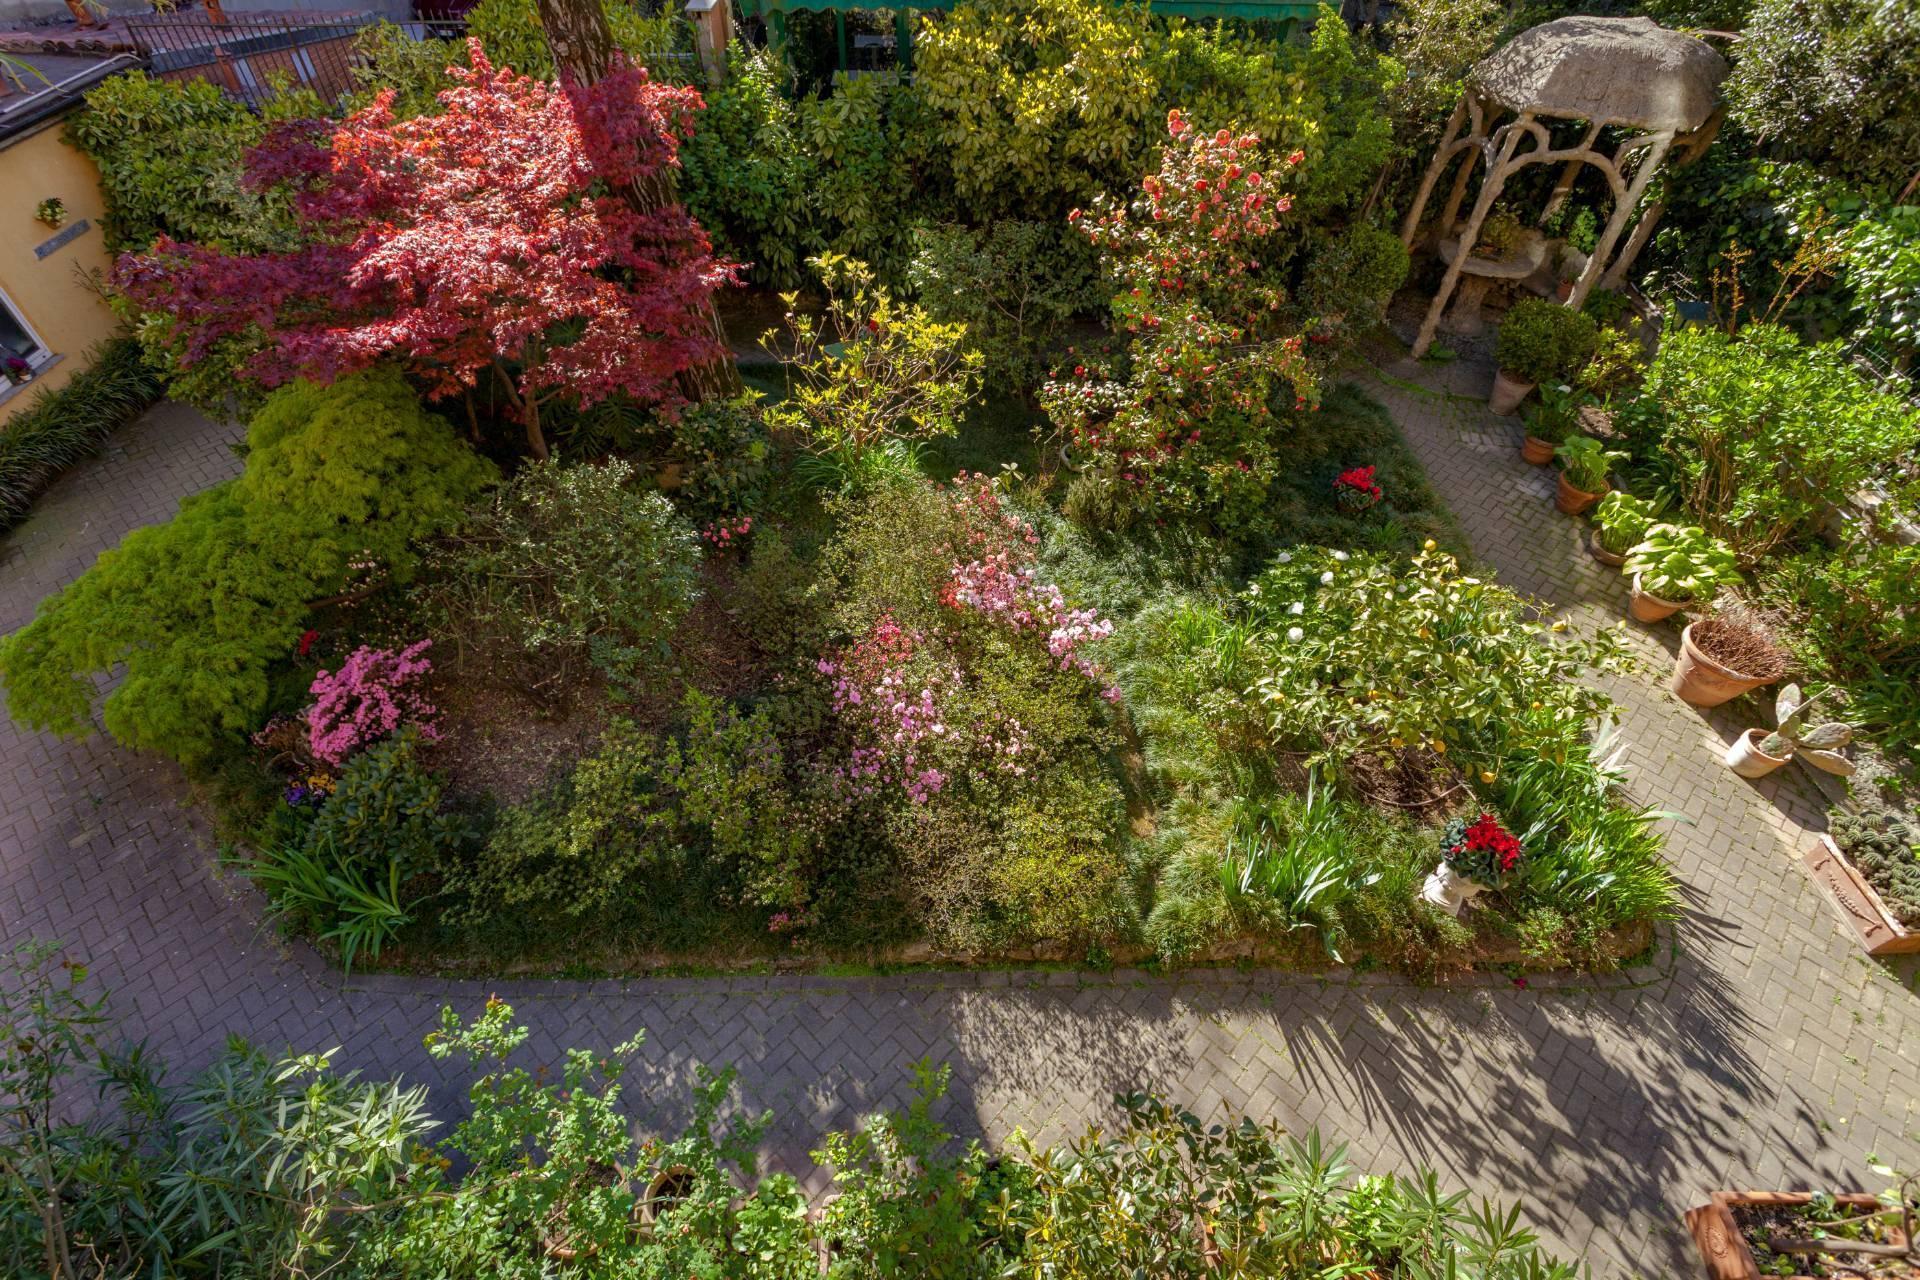 Elegant residence overlooking a lush flower garden - 4